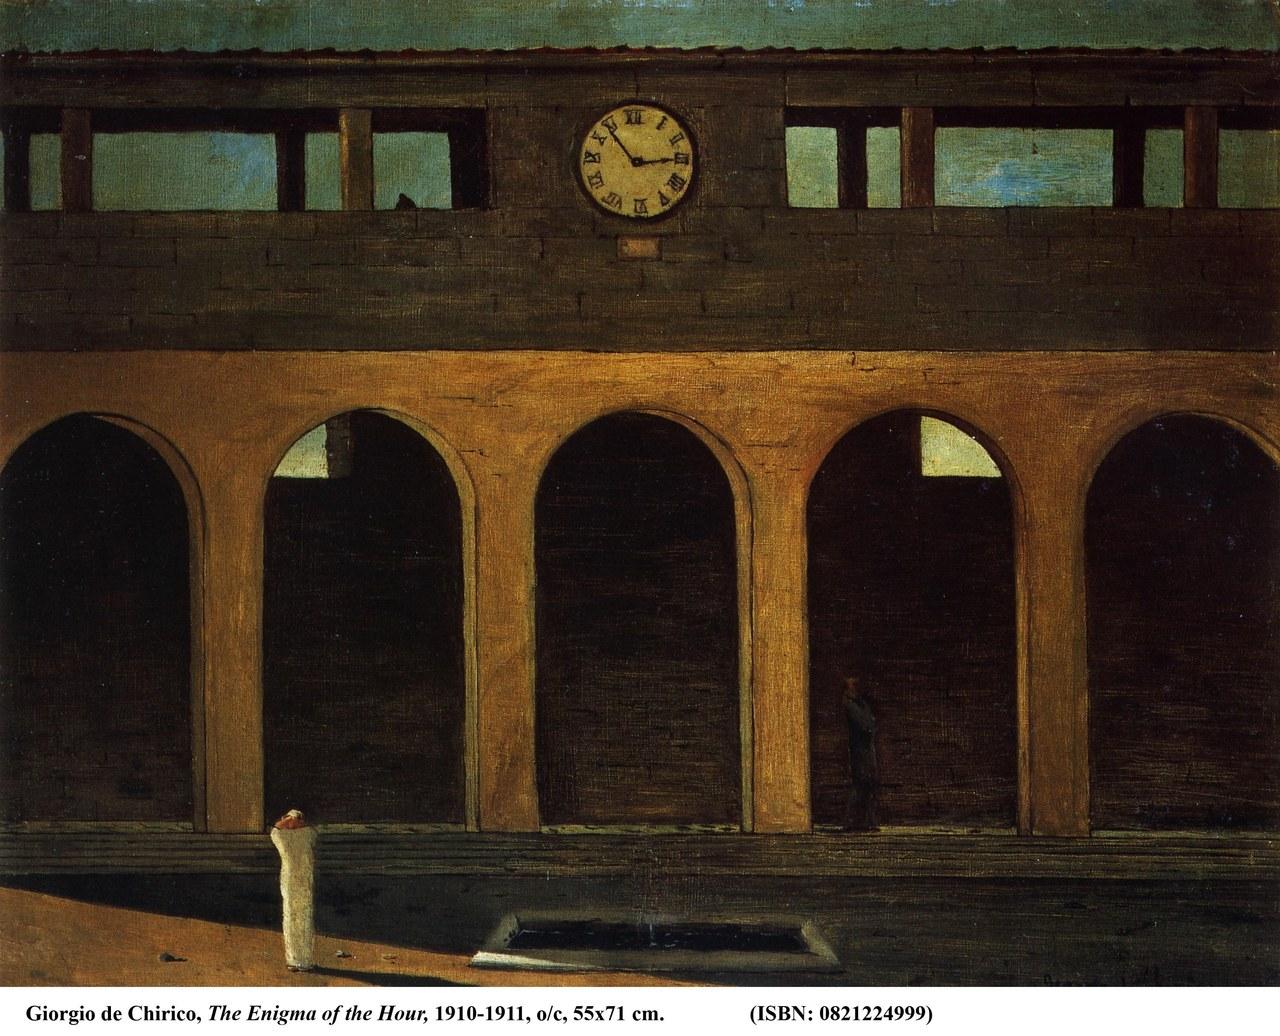 Giorgio De Chirico, L'enigma dell'ora, 1910, Firenze, collezione privata